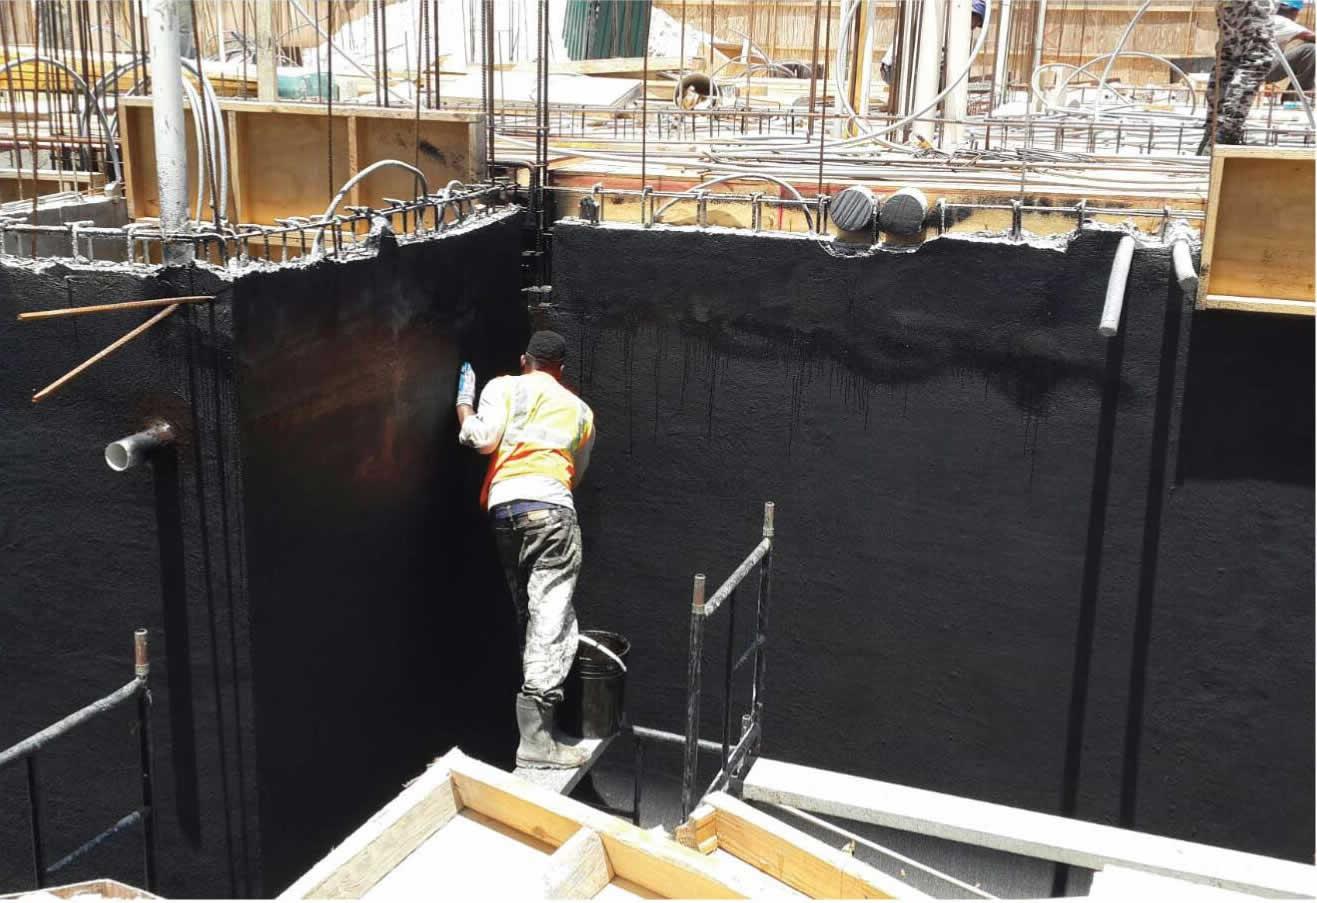 Aqualoc Below Grade Damp Proofing Aqualoc Canada